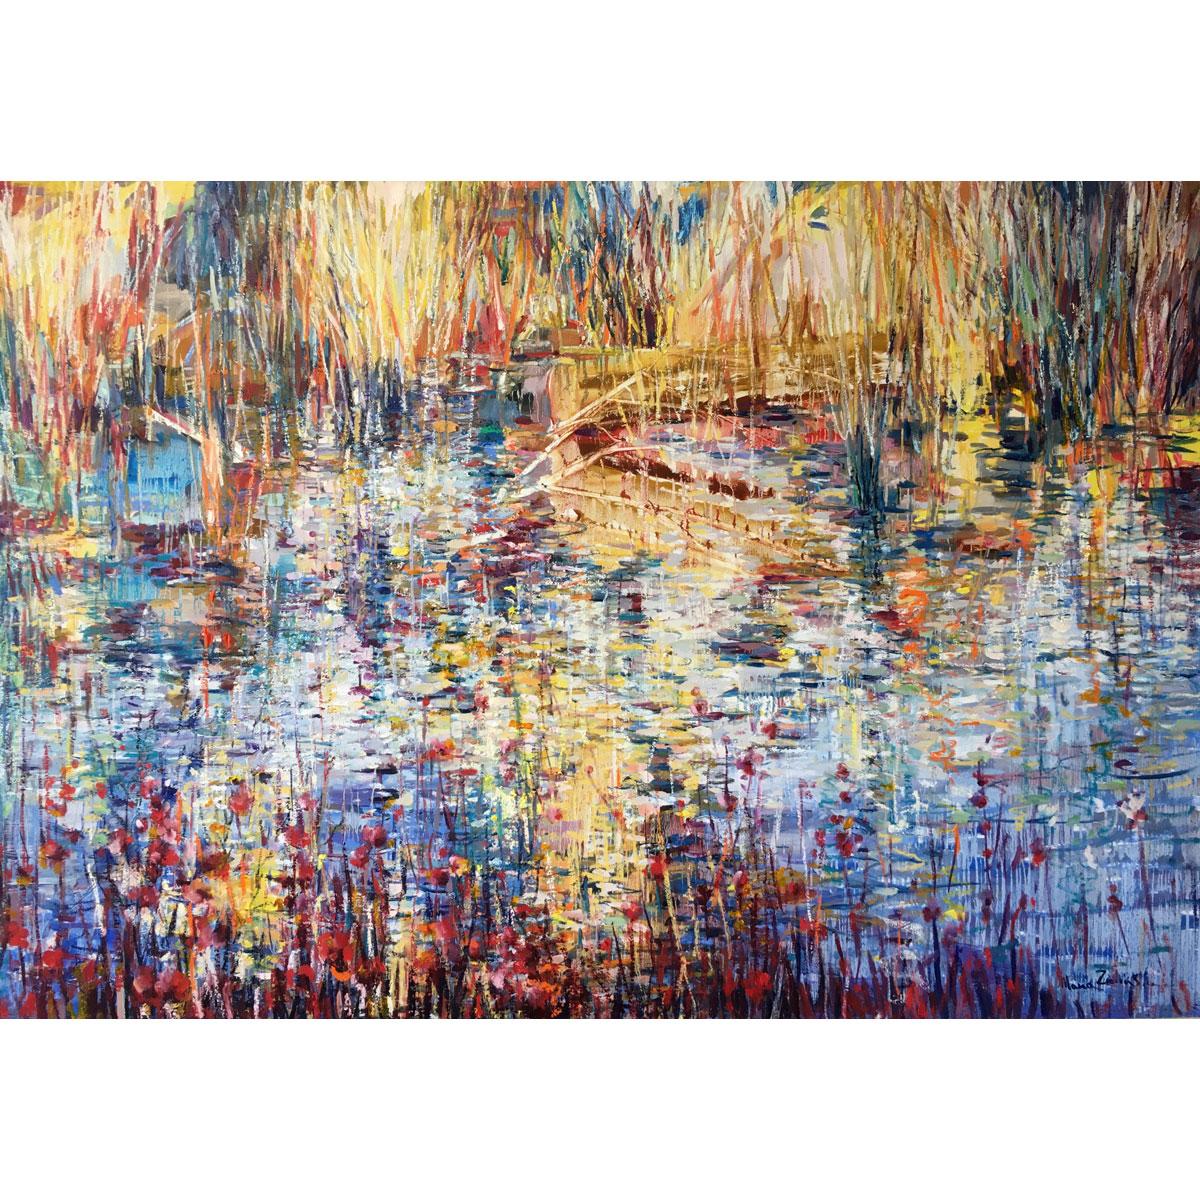 Beavers Creek by Maria Zielinska